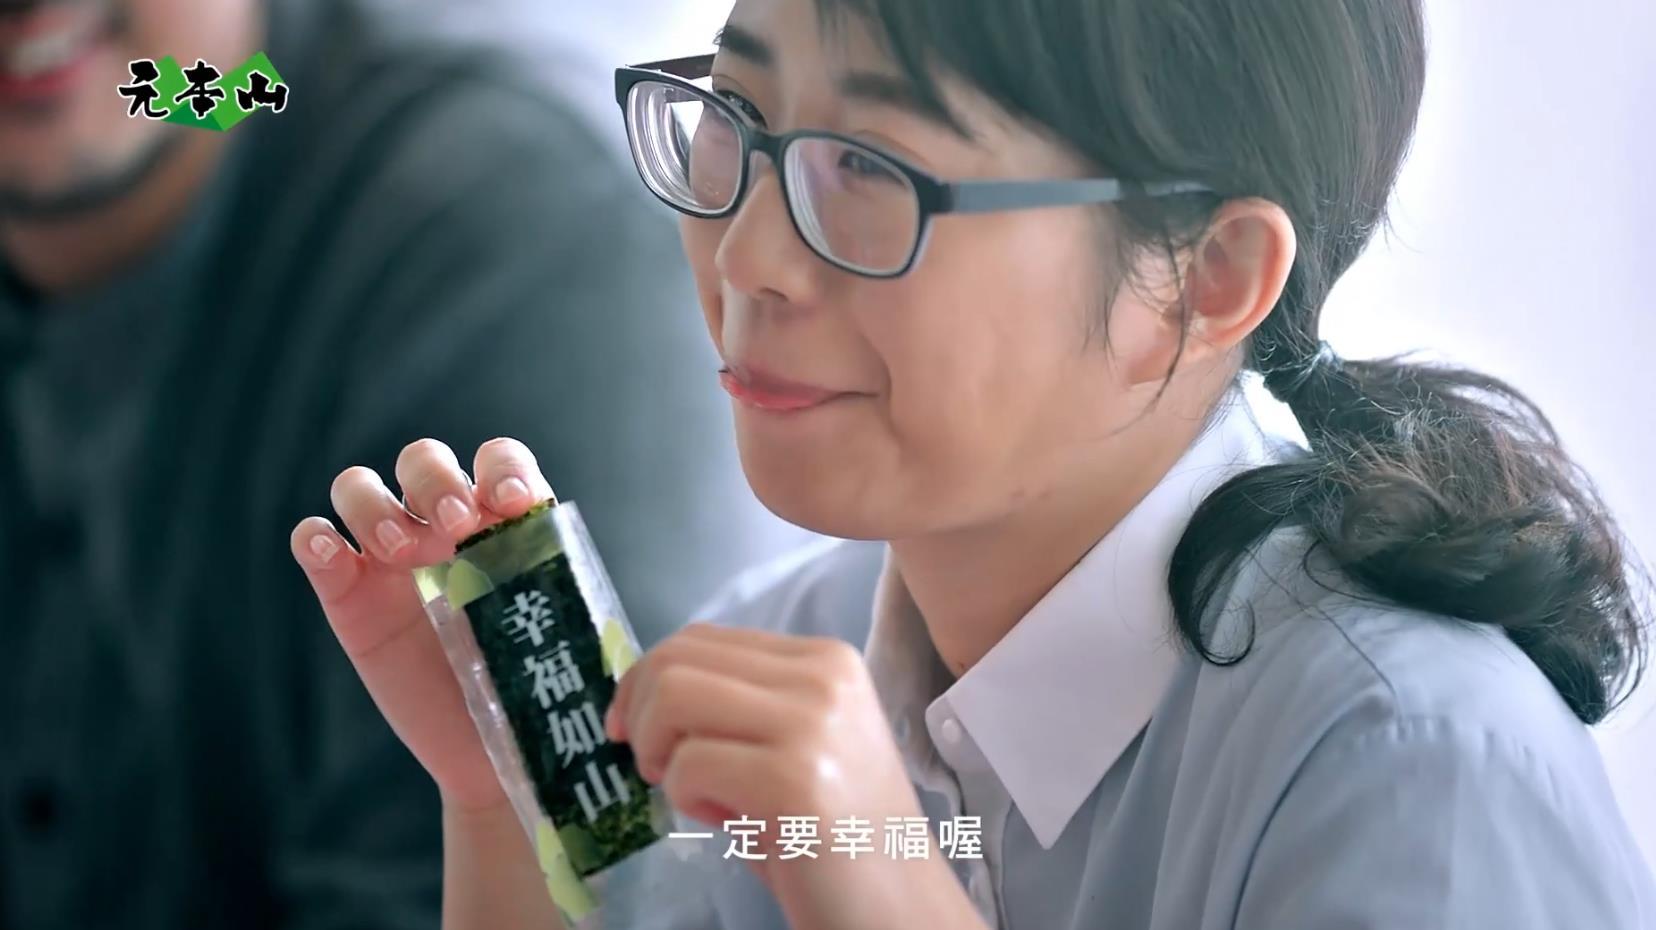 元本山食品形象广告 -幸福品牌篇.mp4